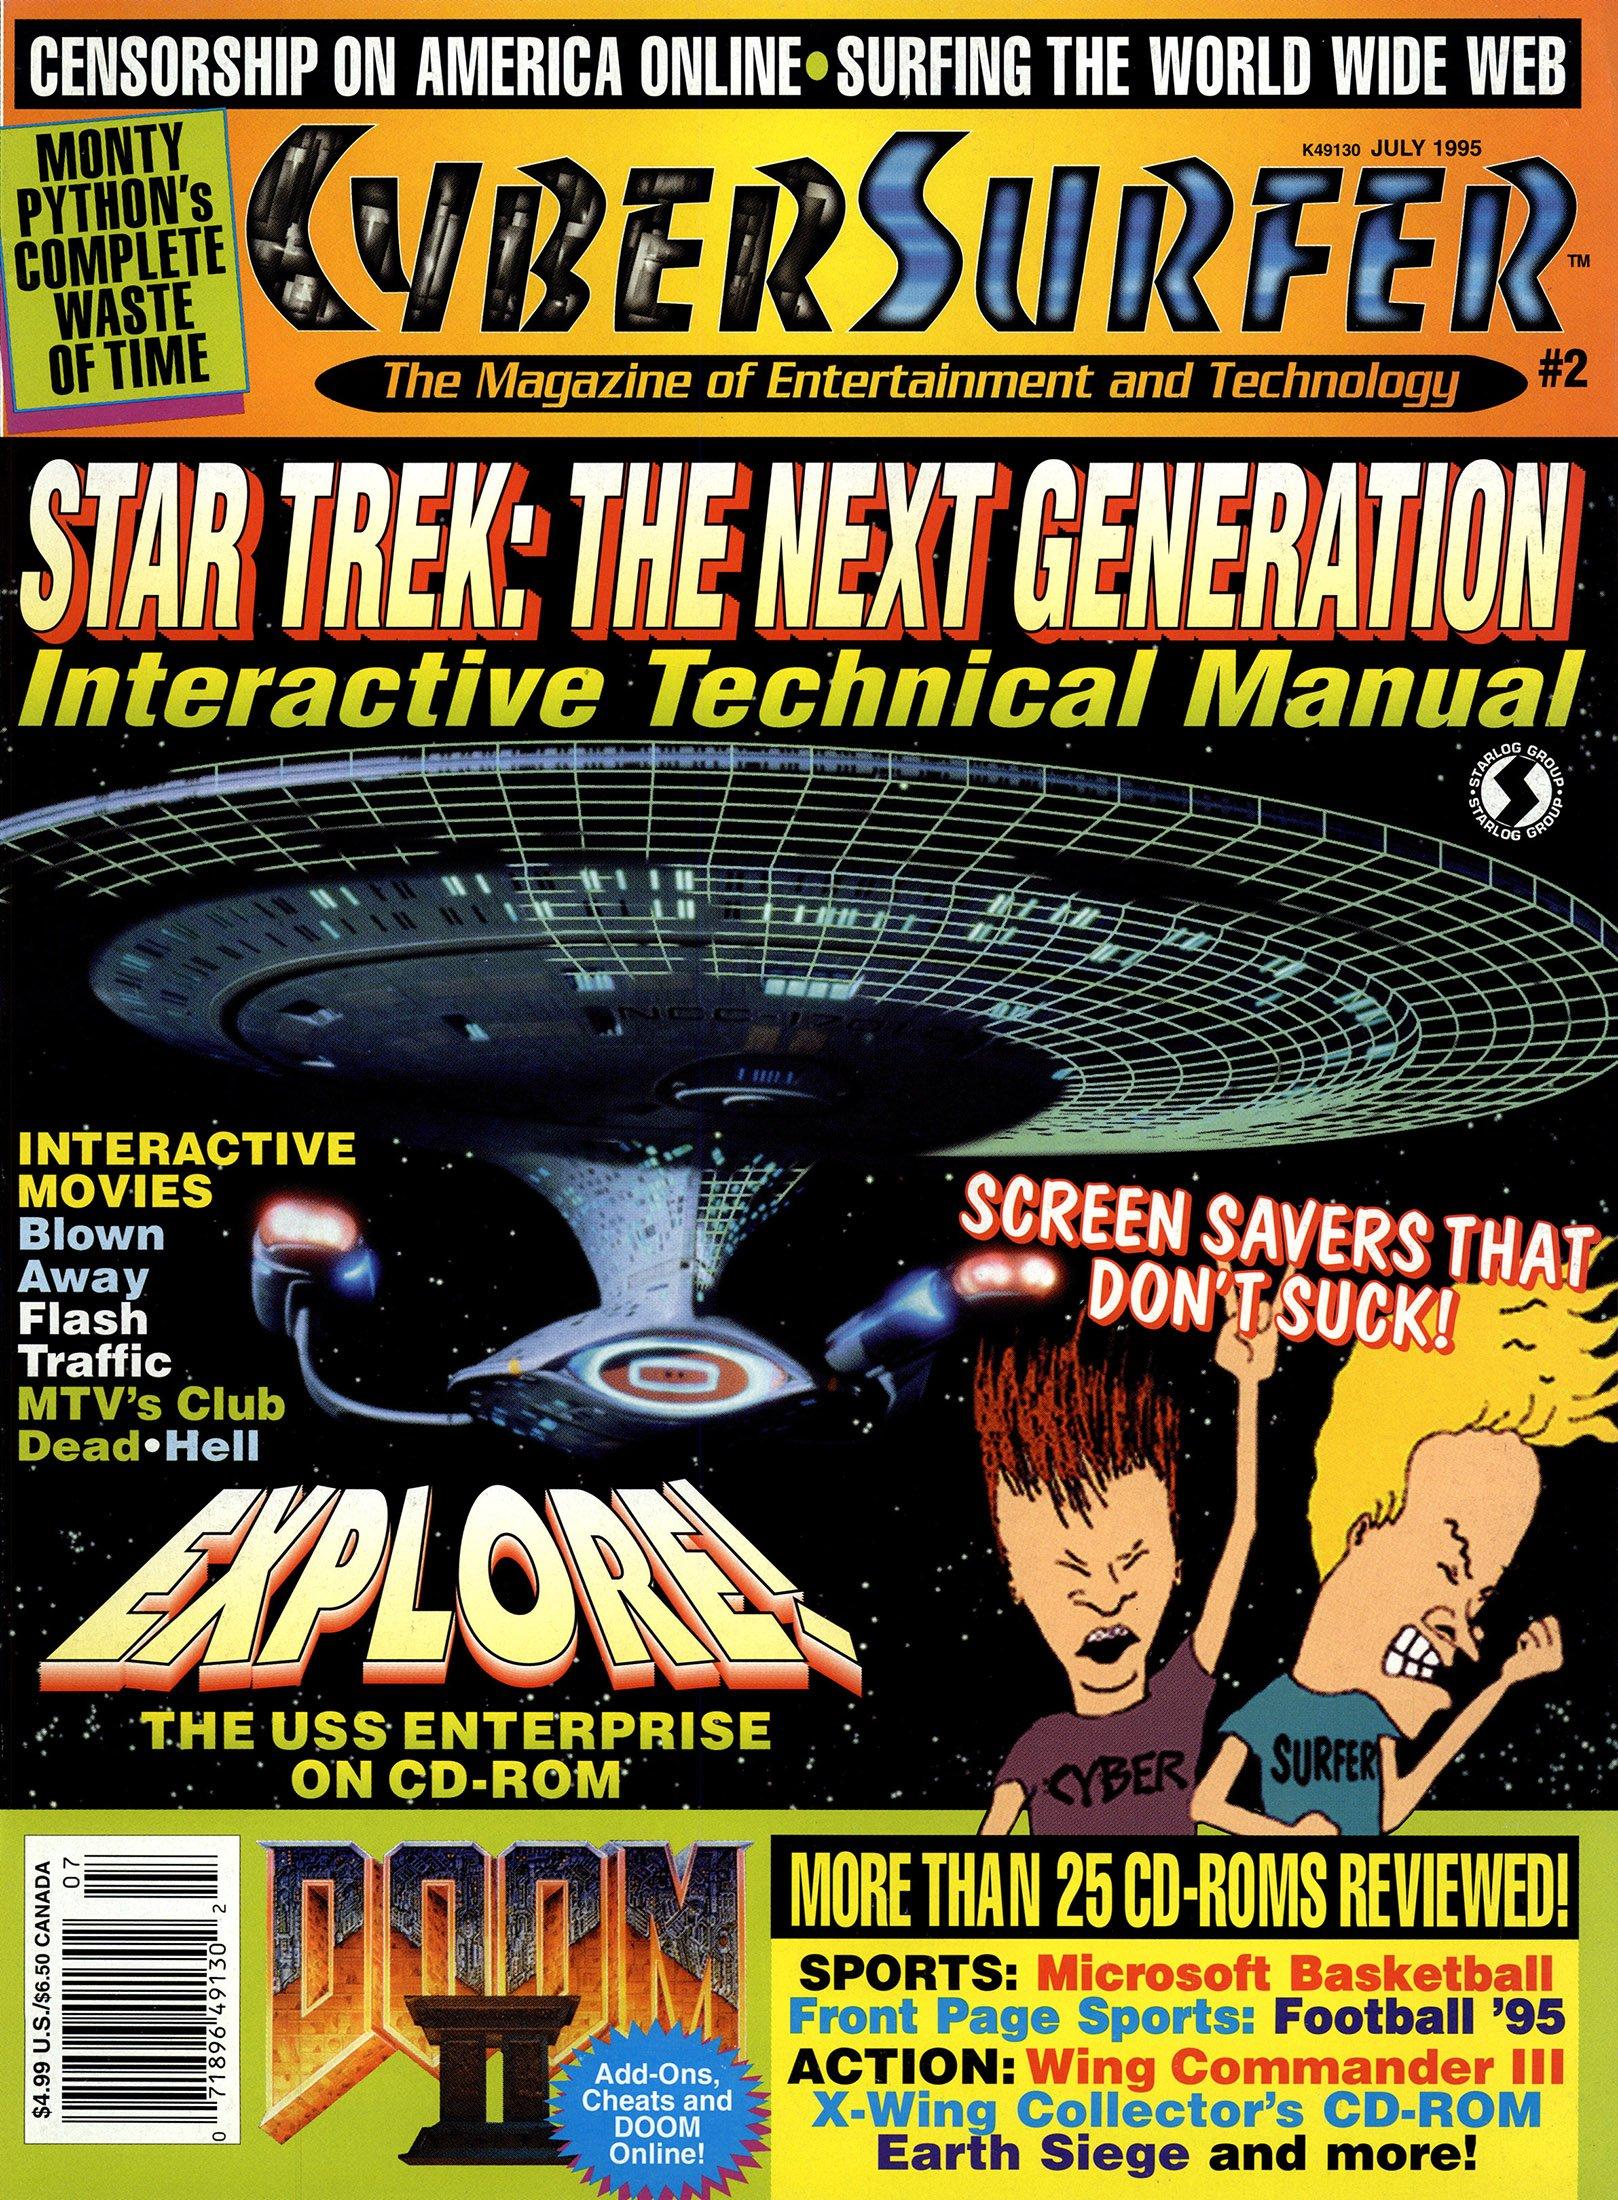 CyberSurfer Issue 02 (July 1995)